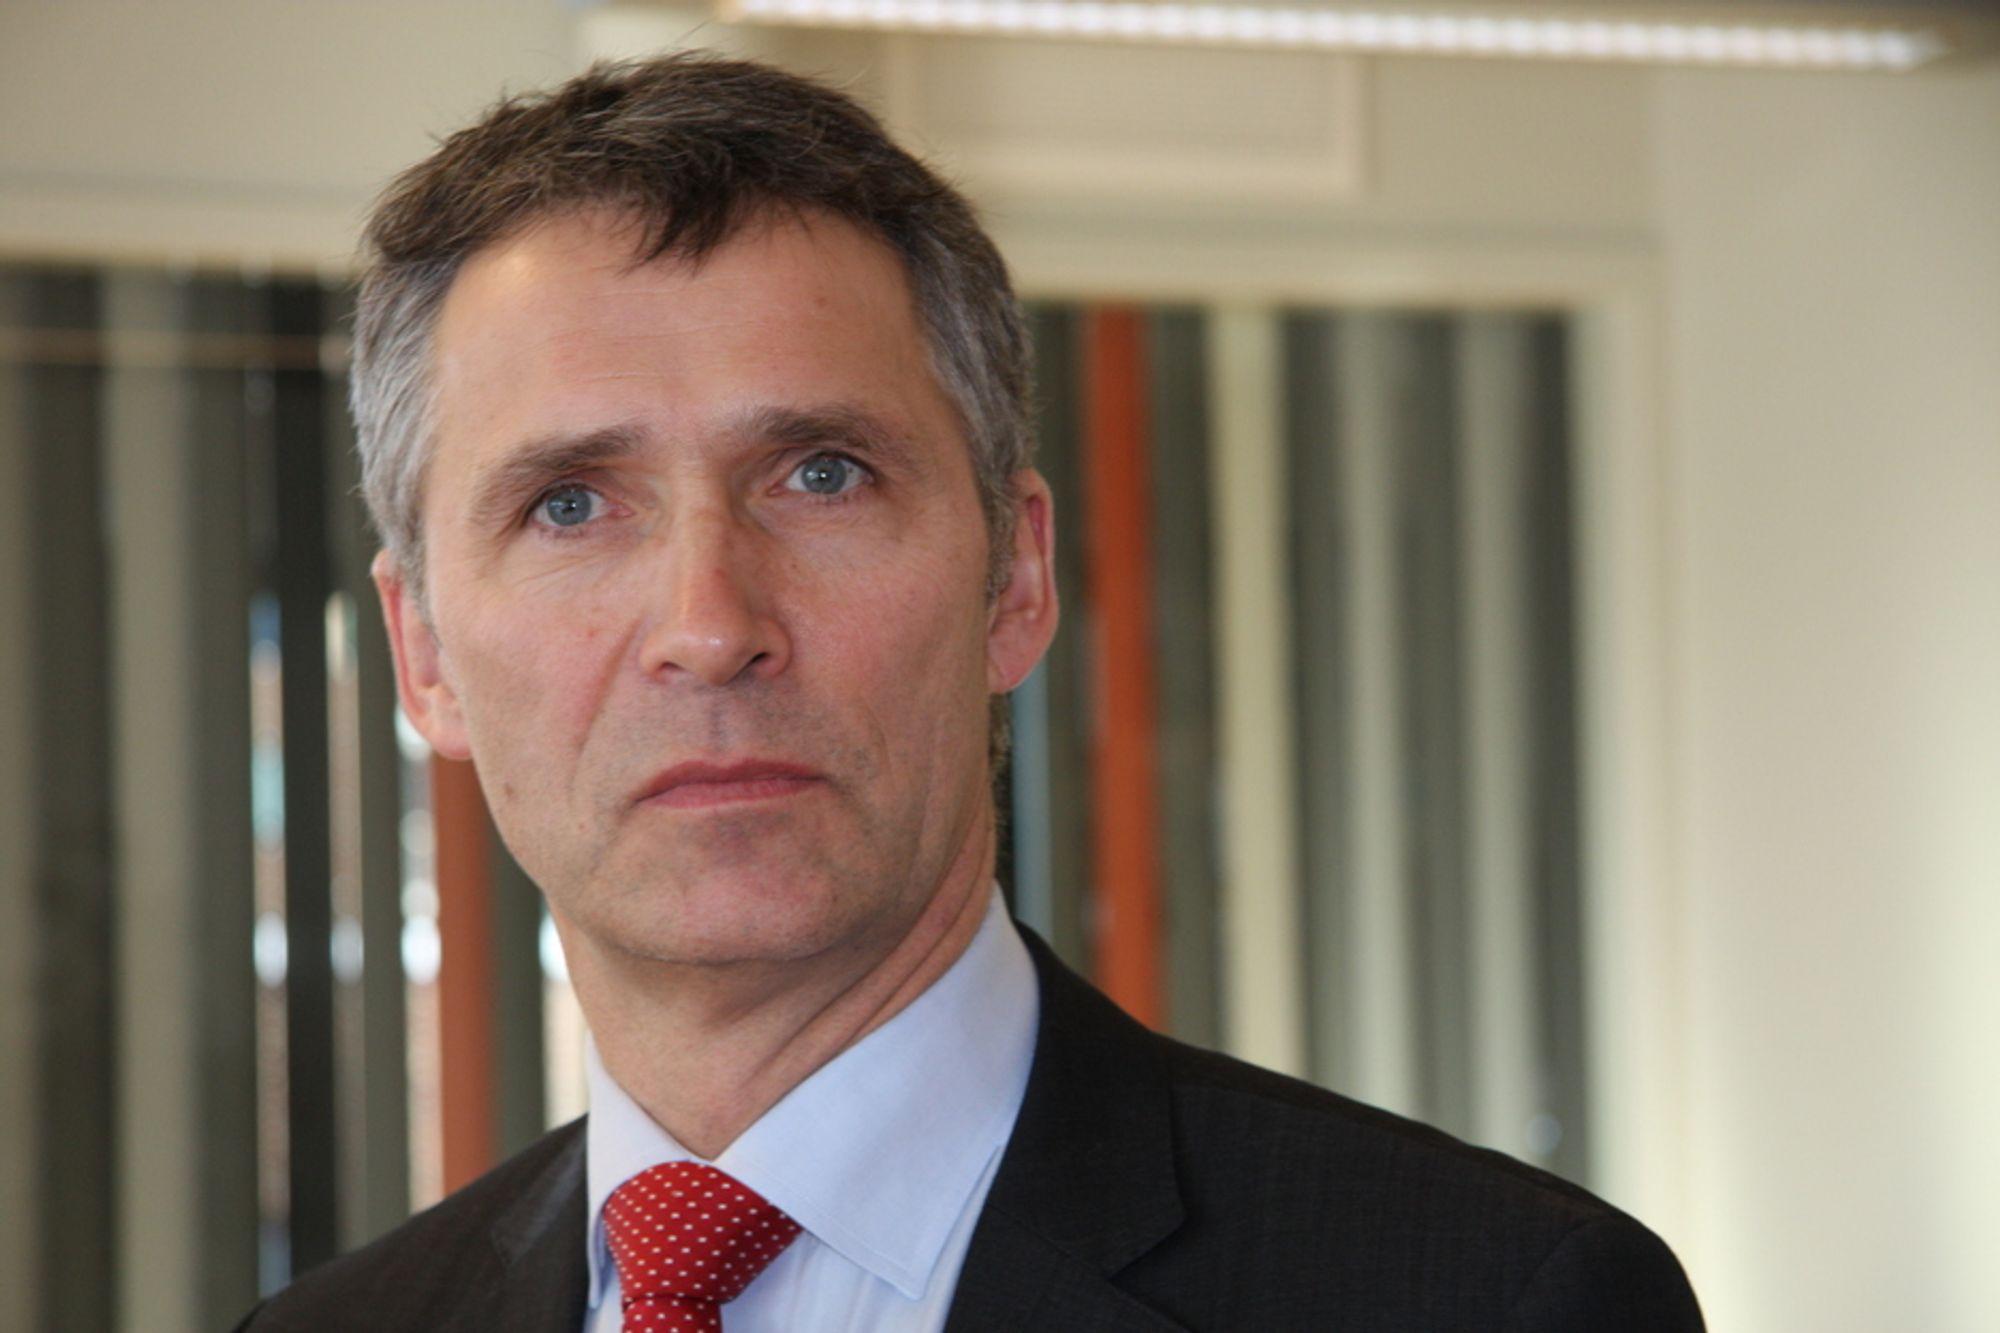 NEI: Regjeringen og statsminister Jens Stoltenberg sier nei til konsekvensutredning denne stortingsperioden. Vedtaket er en viktig politisk seier for Senterpartiet og SV.